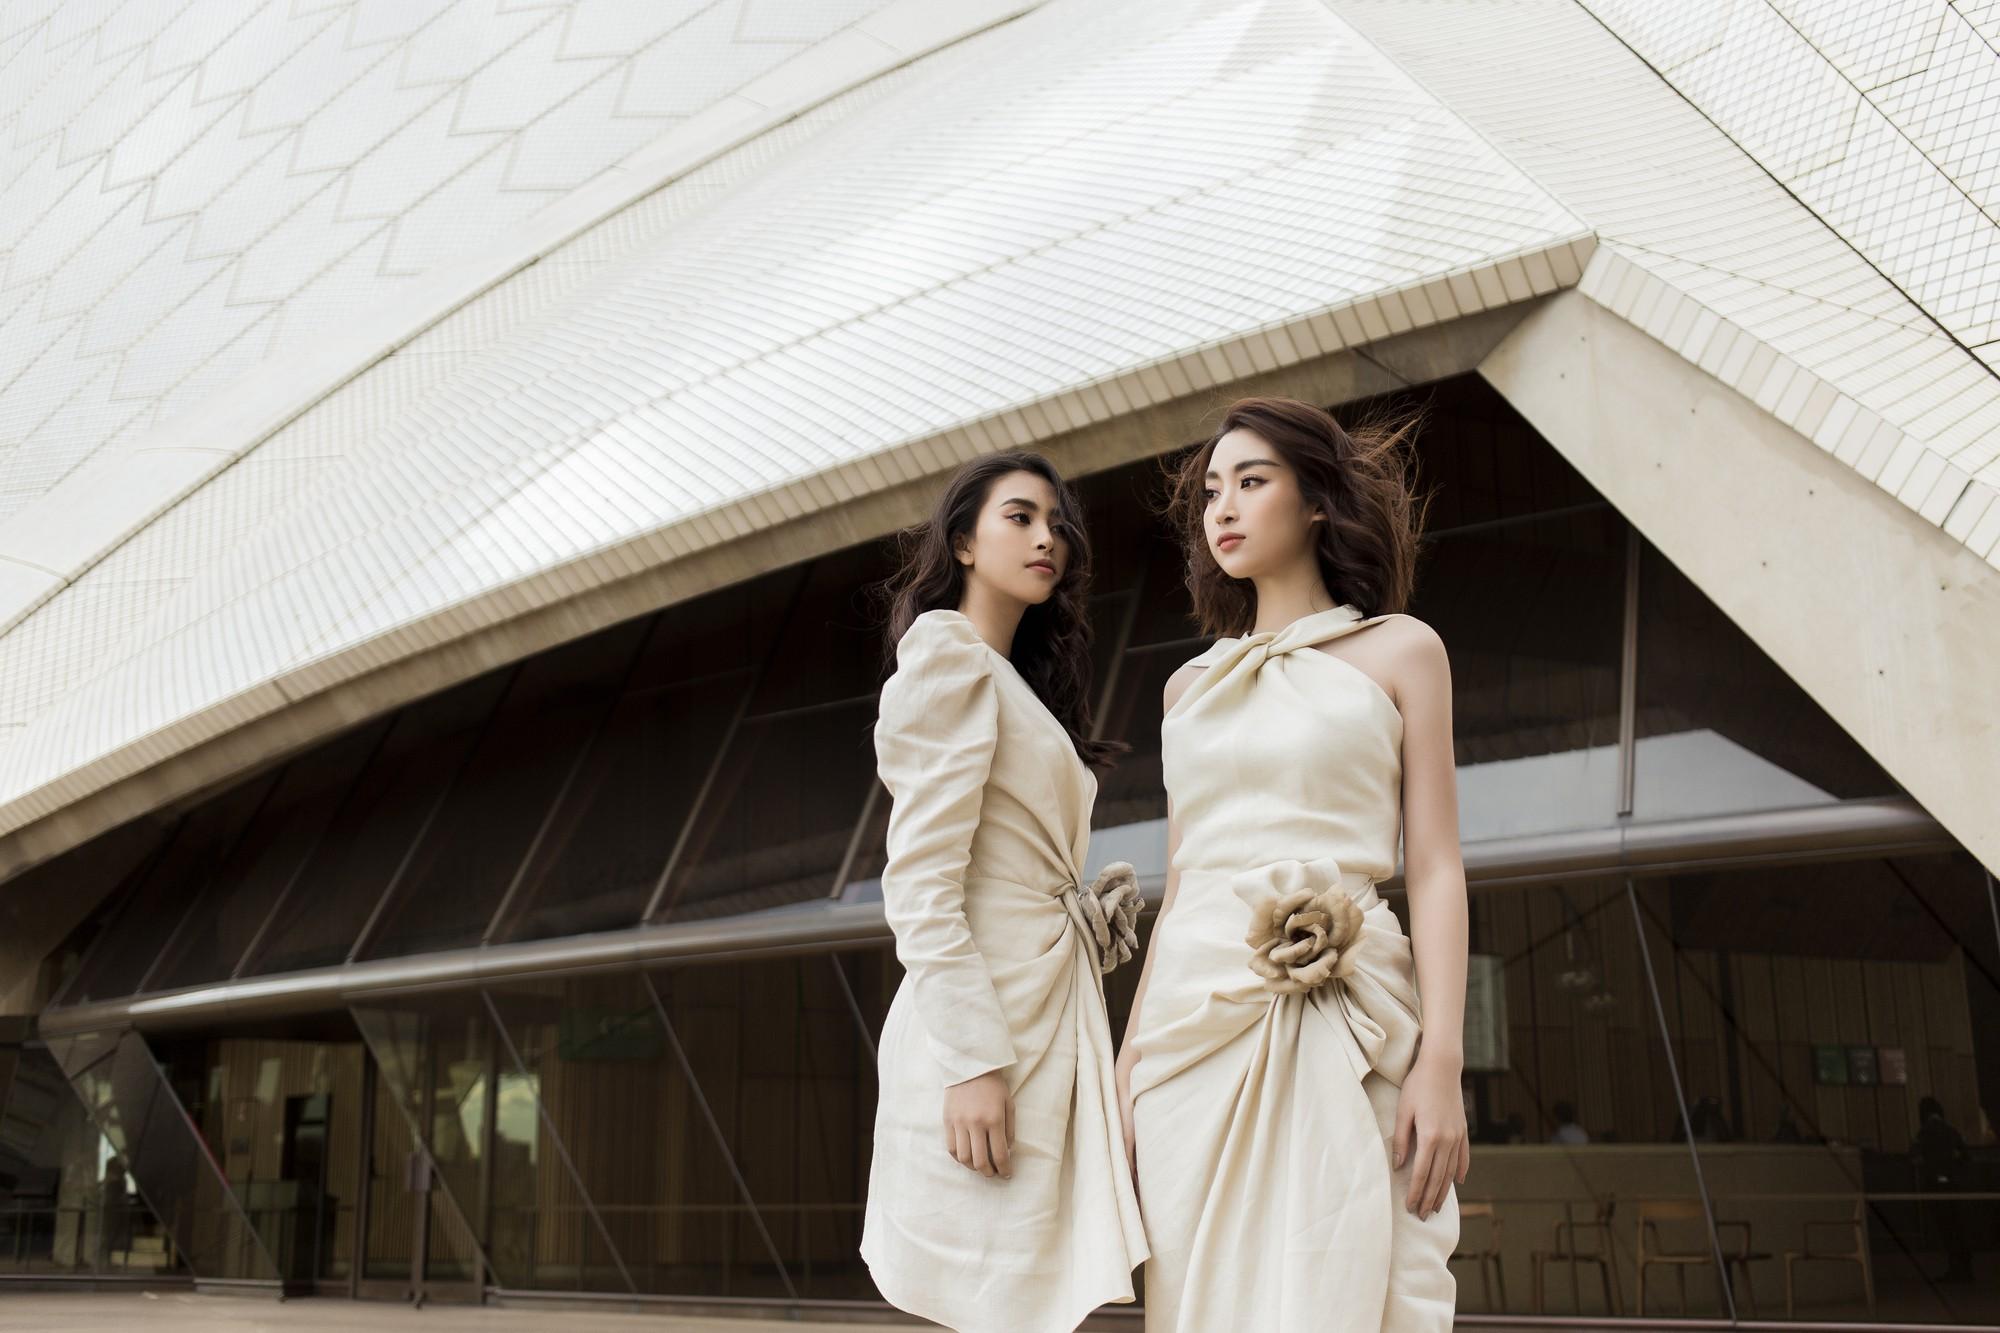 Chị em Hoa hậu Mỹ Linh - Tiểu Vy khiến ai cũng ngoái nhìn khi cùng dạo bước trên đường phố Sydney  - Ảnh 2.